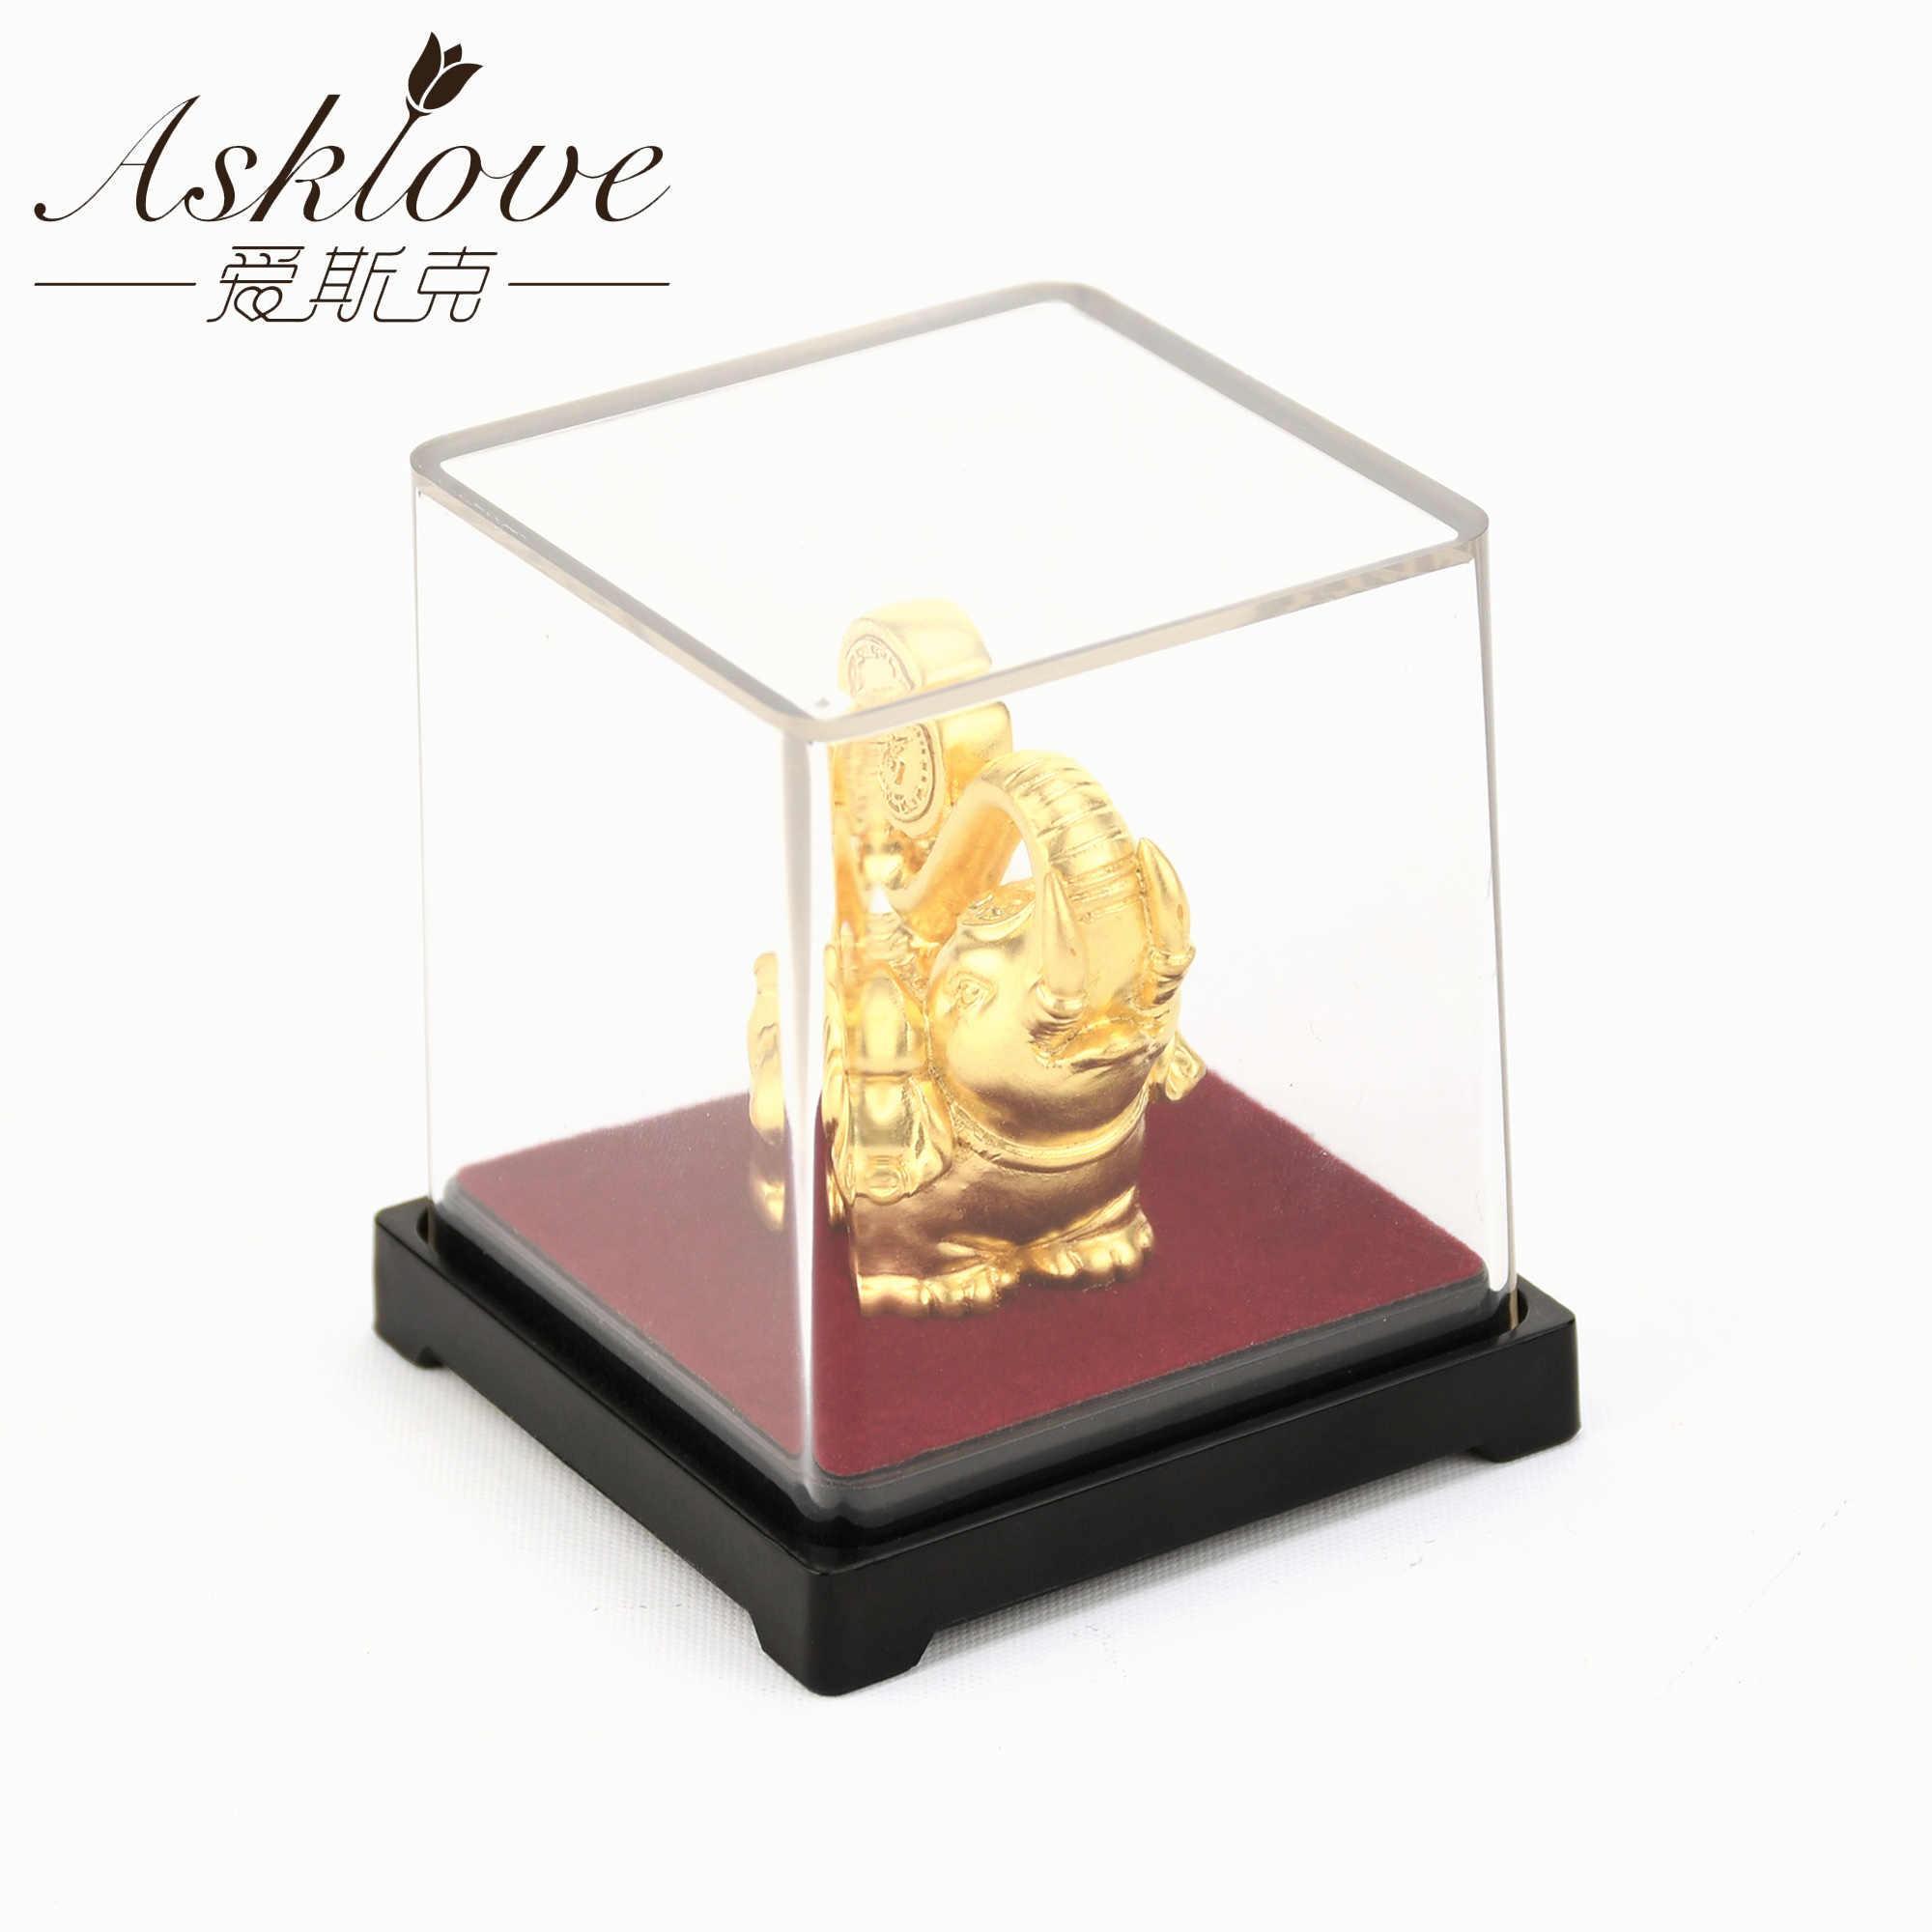 Słoń przynoszący szczęście Feng Shui decor 24K złota folia słoń statua figurka ozdoba biurowa rzemiosło zbieraj bogactwo dekoracje do domowego biura